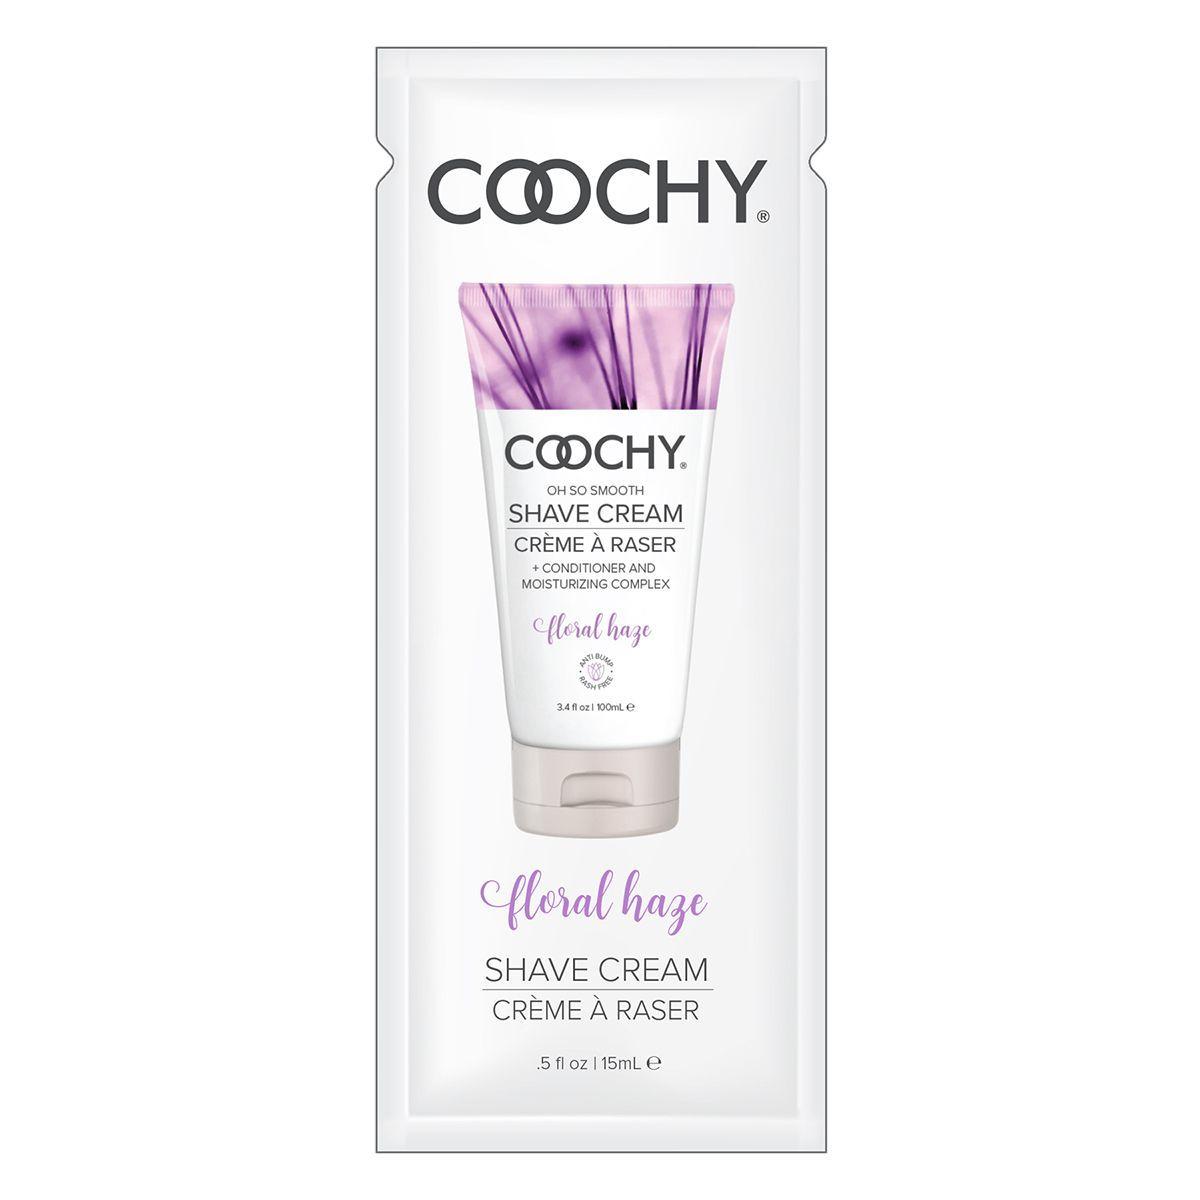 Средства по уходу за телом, косметика: Увлажняющий комплекс COOCHY Floral Hazel - 15 мл.